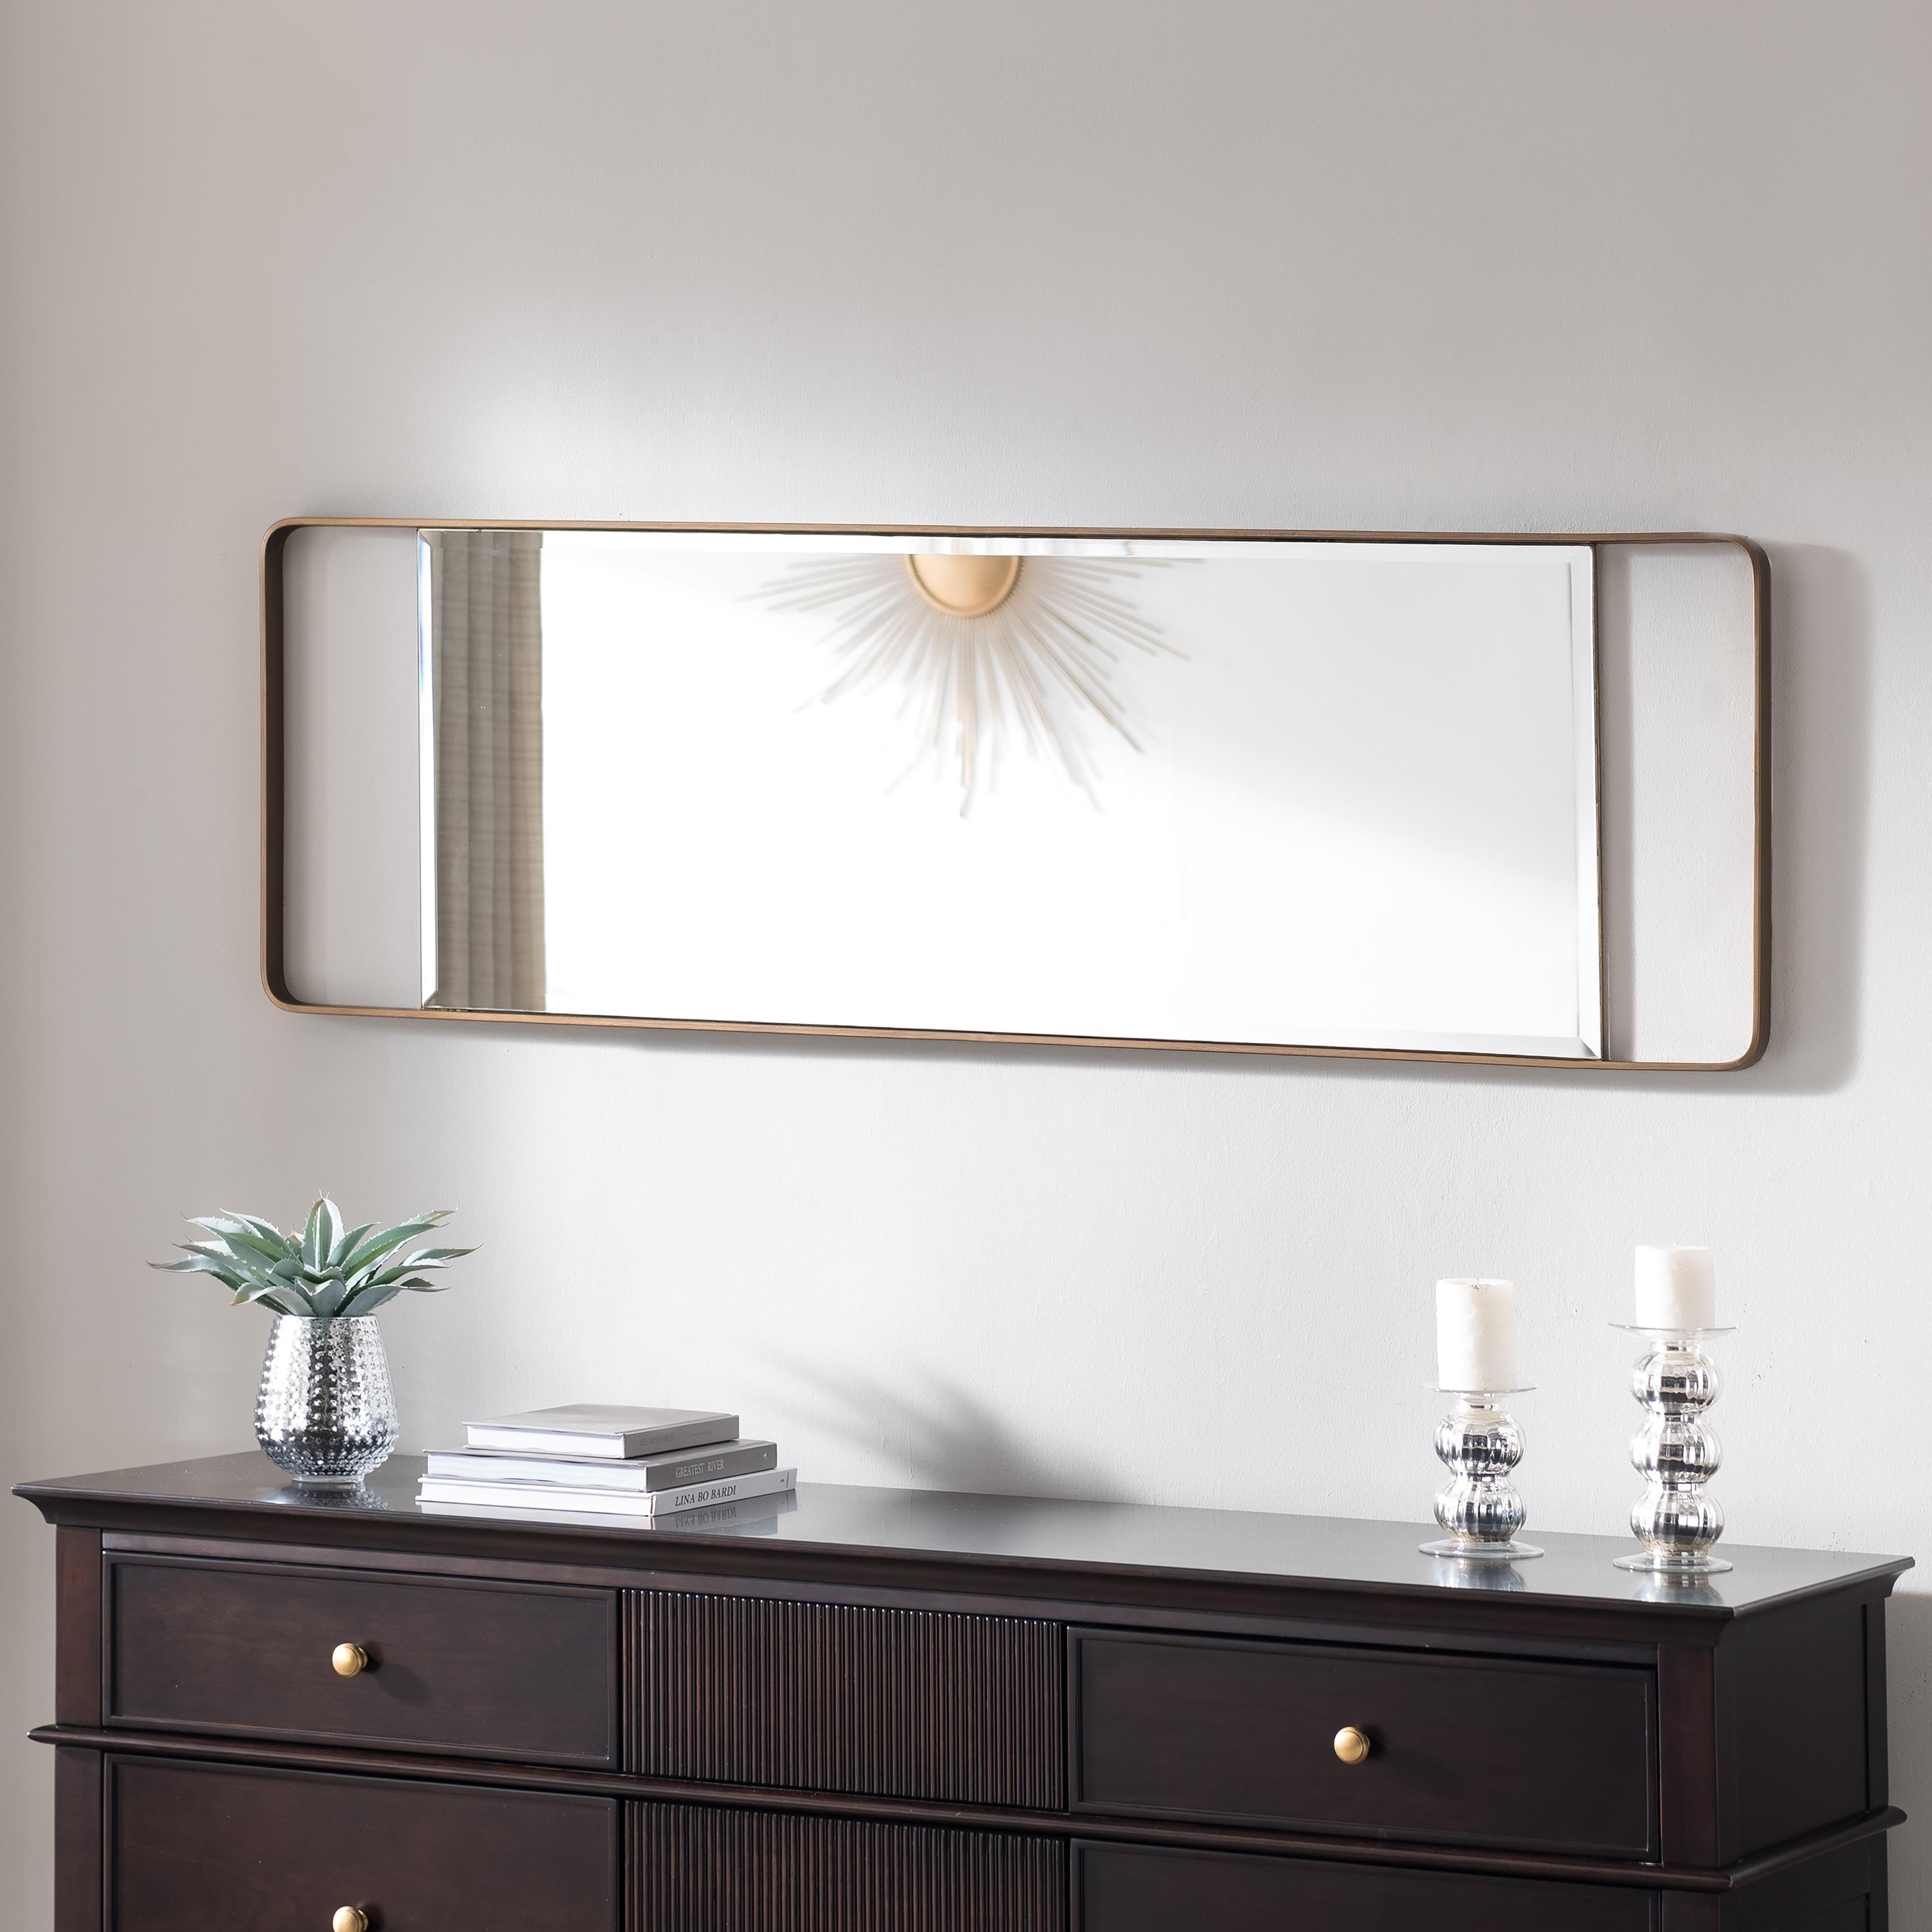 Carson Carrington Eldon Rectangle Gold Wall Mirror 17 X 1 25 X 40 25 Overstock 27989006